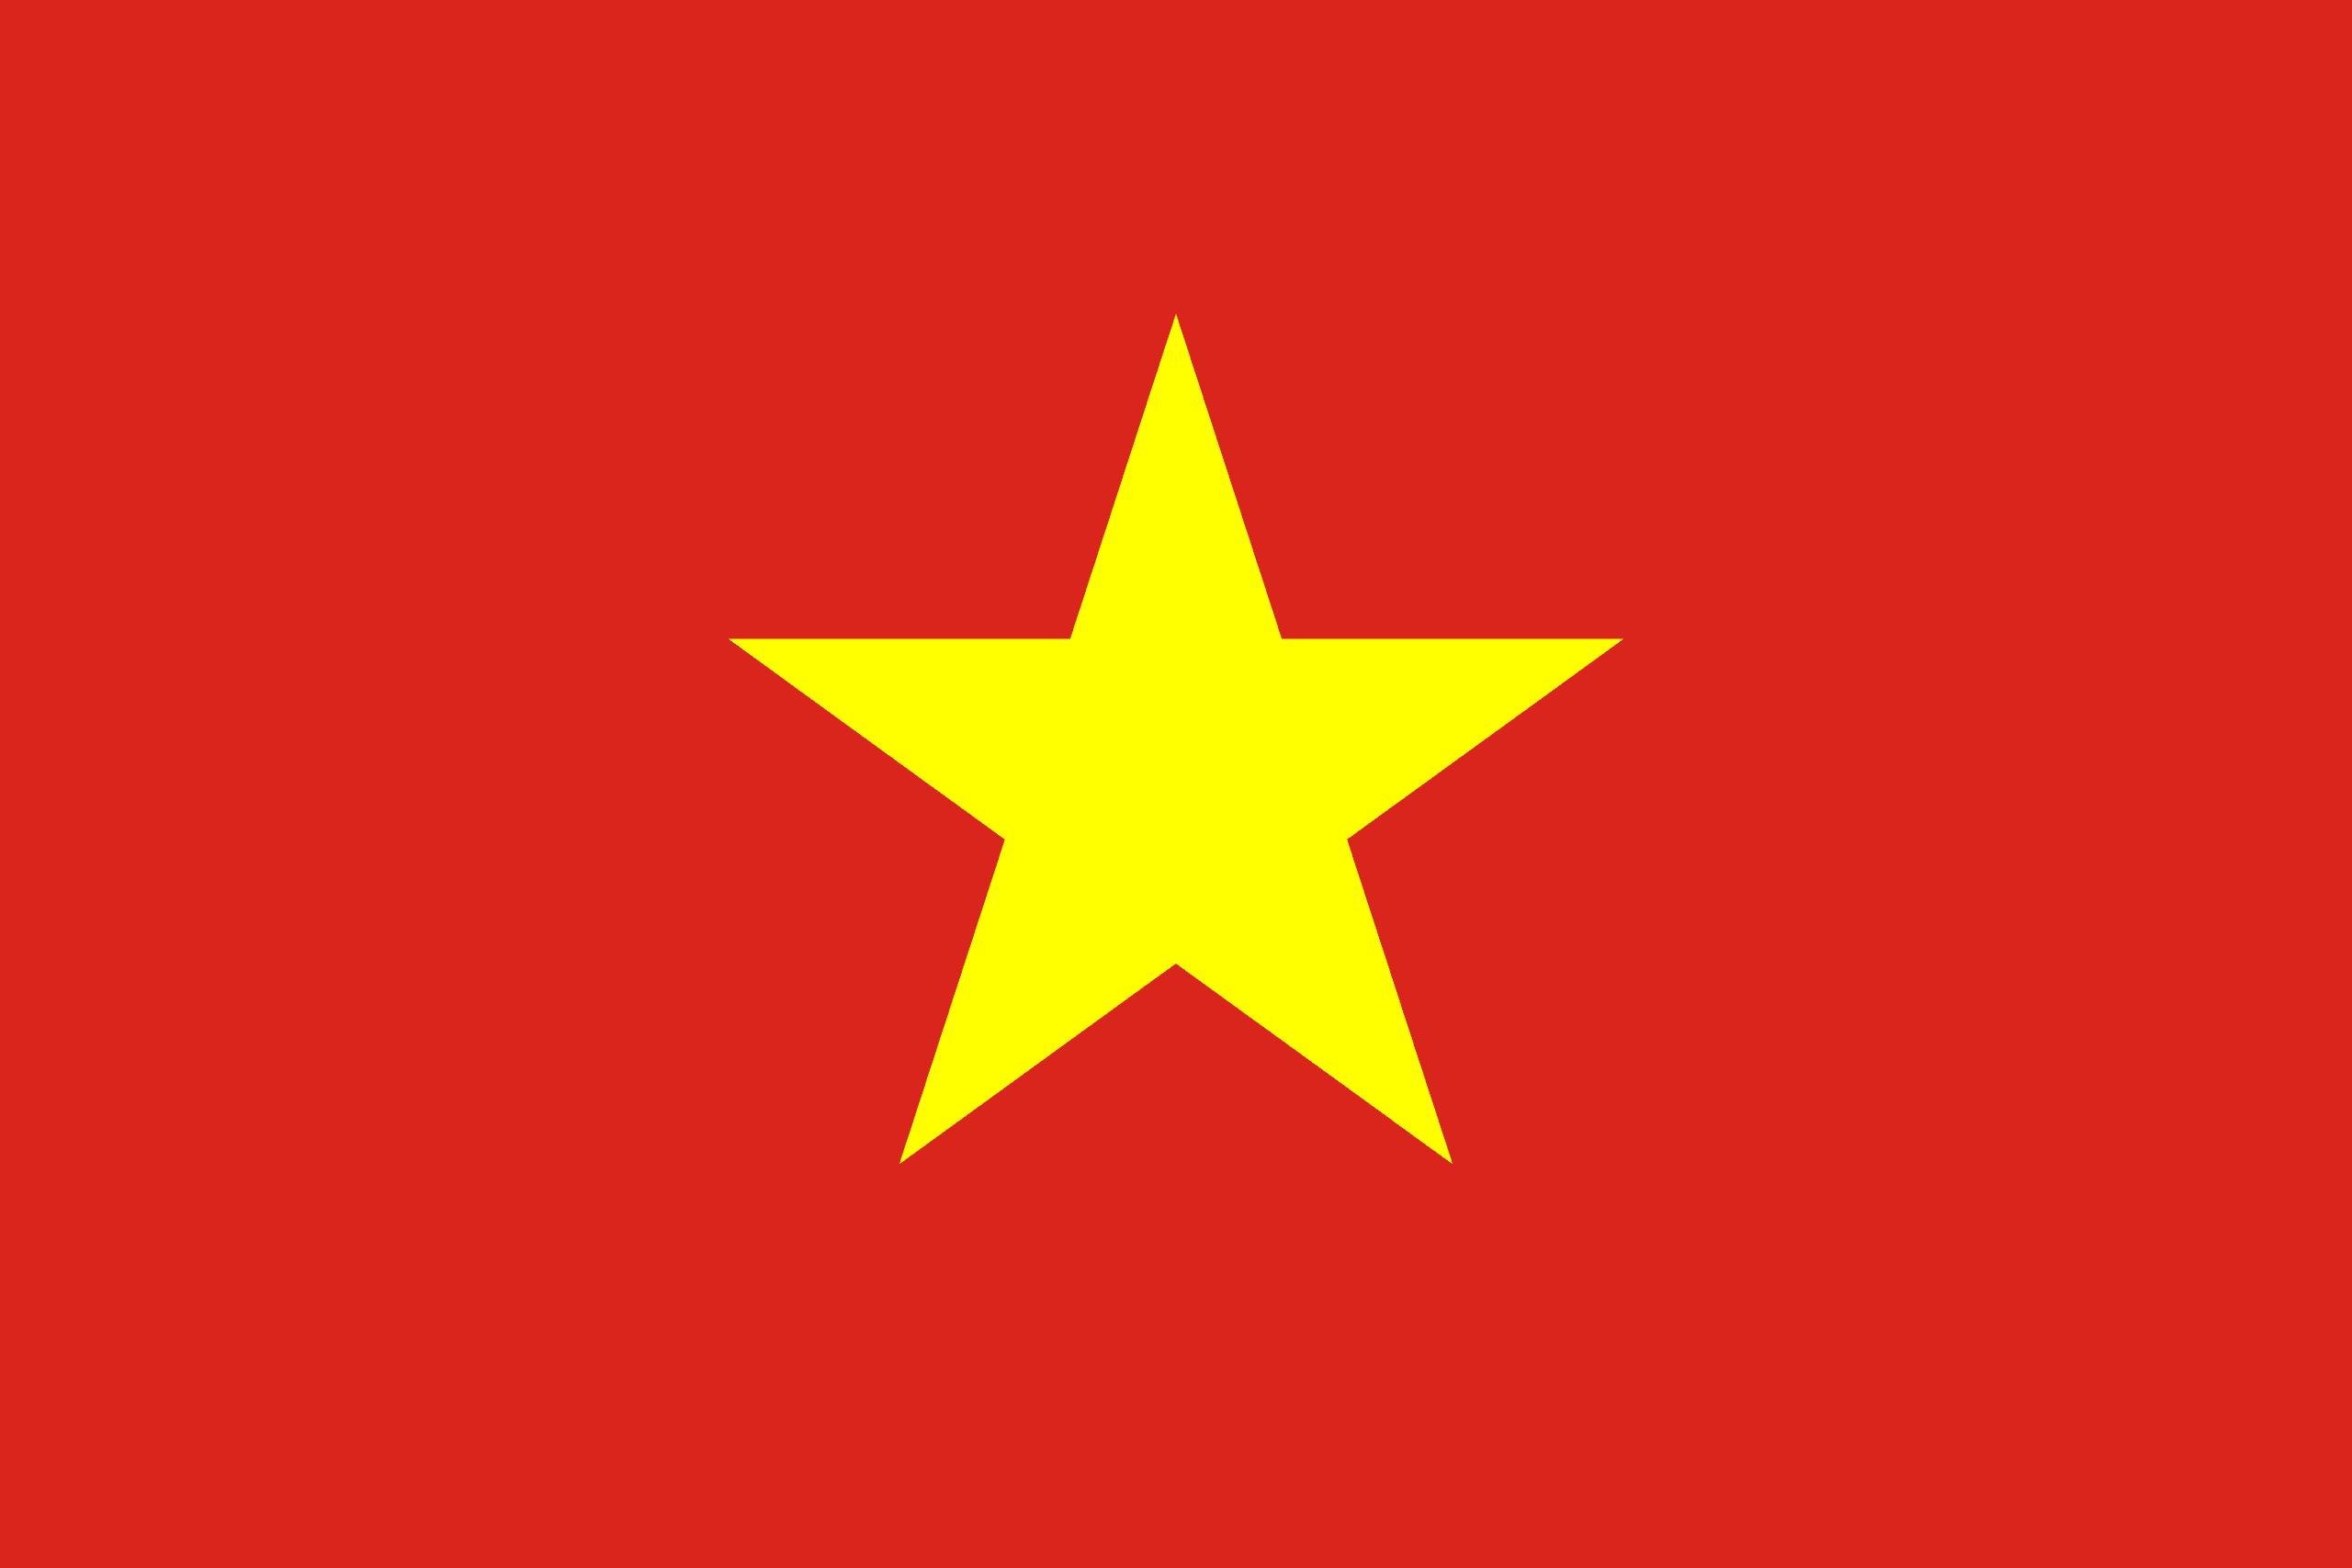 Vietnam Bayrağı 🇻🇳 – Ülke bayrakları